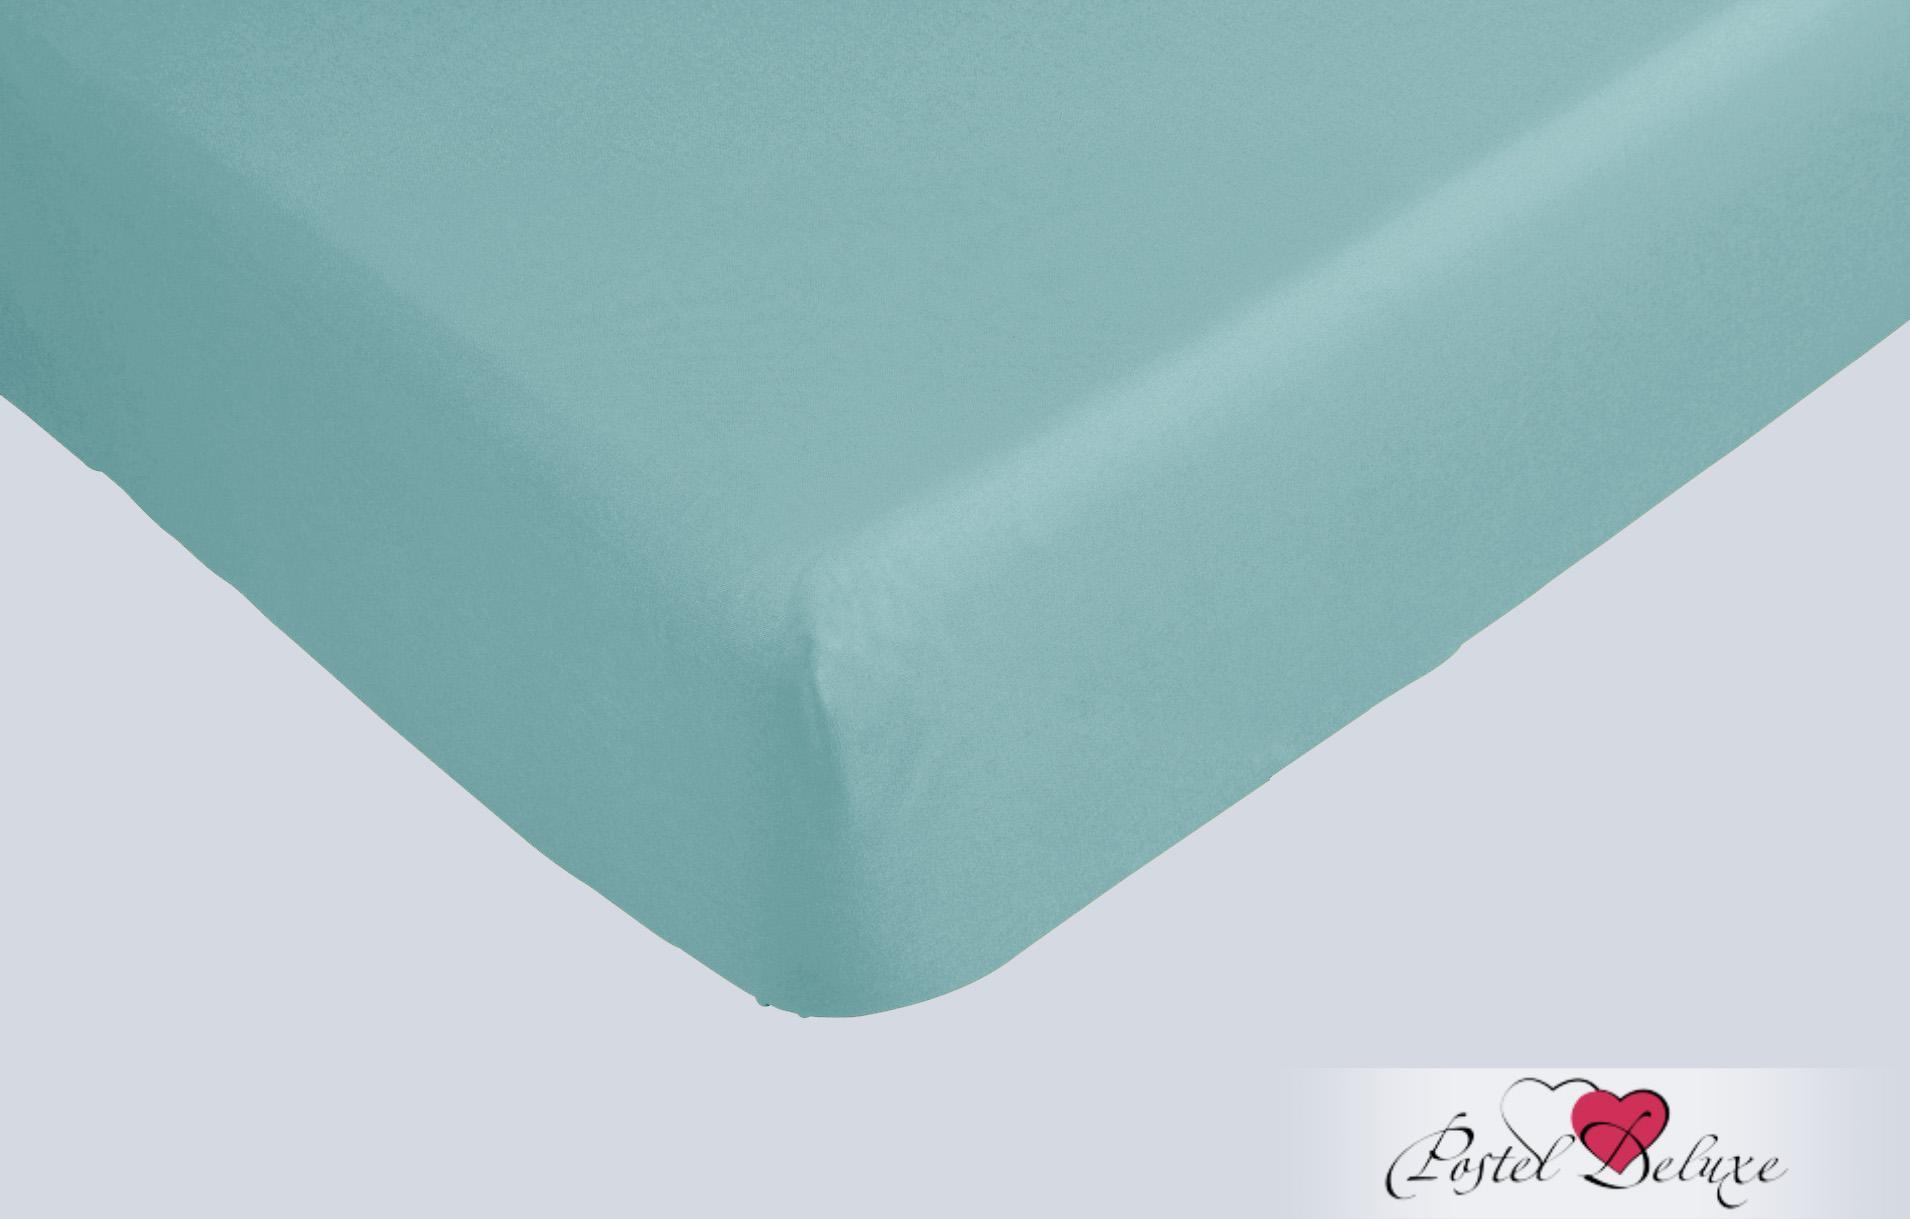 Простыни на резинке BoleroПростыни на резинке<br>Производитель: Bolero<br>Страна производства: Чехия<br>Материал: Джерси<br>Состав: 100% хлопок<br>Размер простыни: 160х200<br>Высота бортика: 20 см<br>Тип простыни: На резинке<br>Упаковка: Полиэтиленовый пакет<br><br>Тип: простыня<br>Размерность комплекта: None<br>Материал: Джерси<br>Размер наволочки: None<br>Подарочная упаковка: None<br>Для детей: нет<br>Ткань: Джерси<br>Цвет: Зеленый